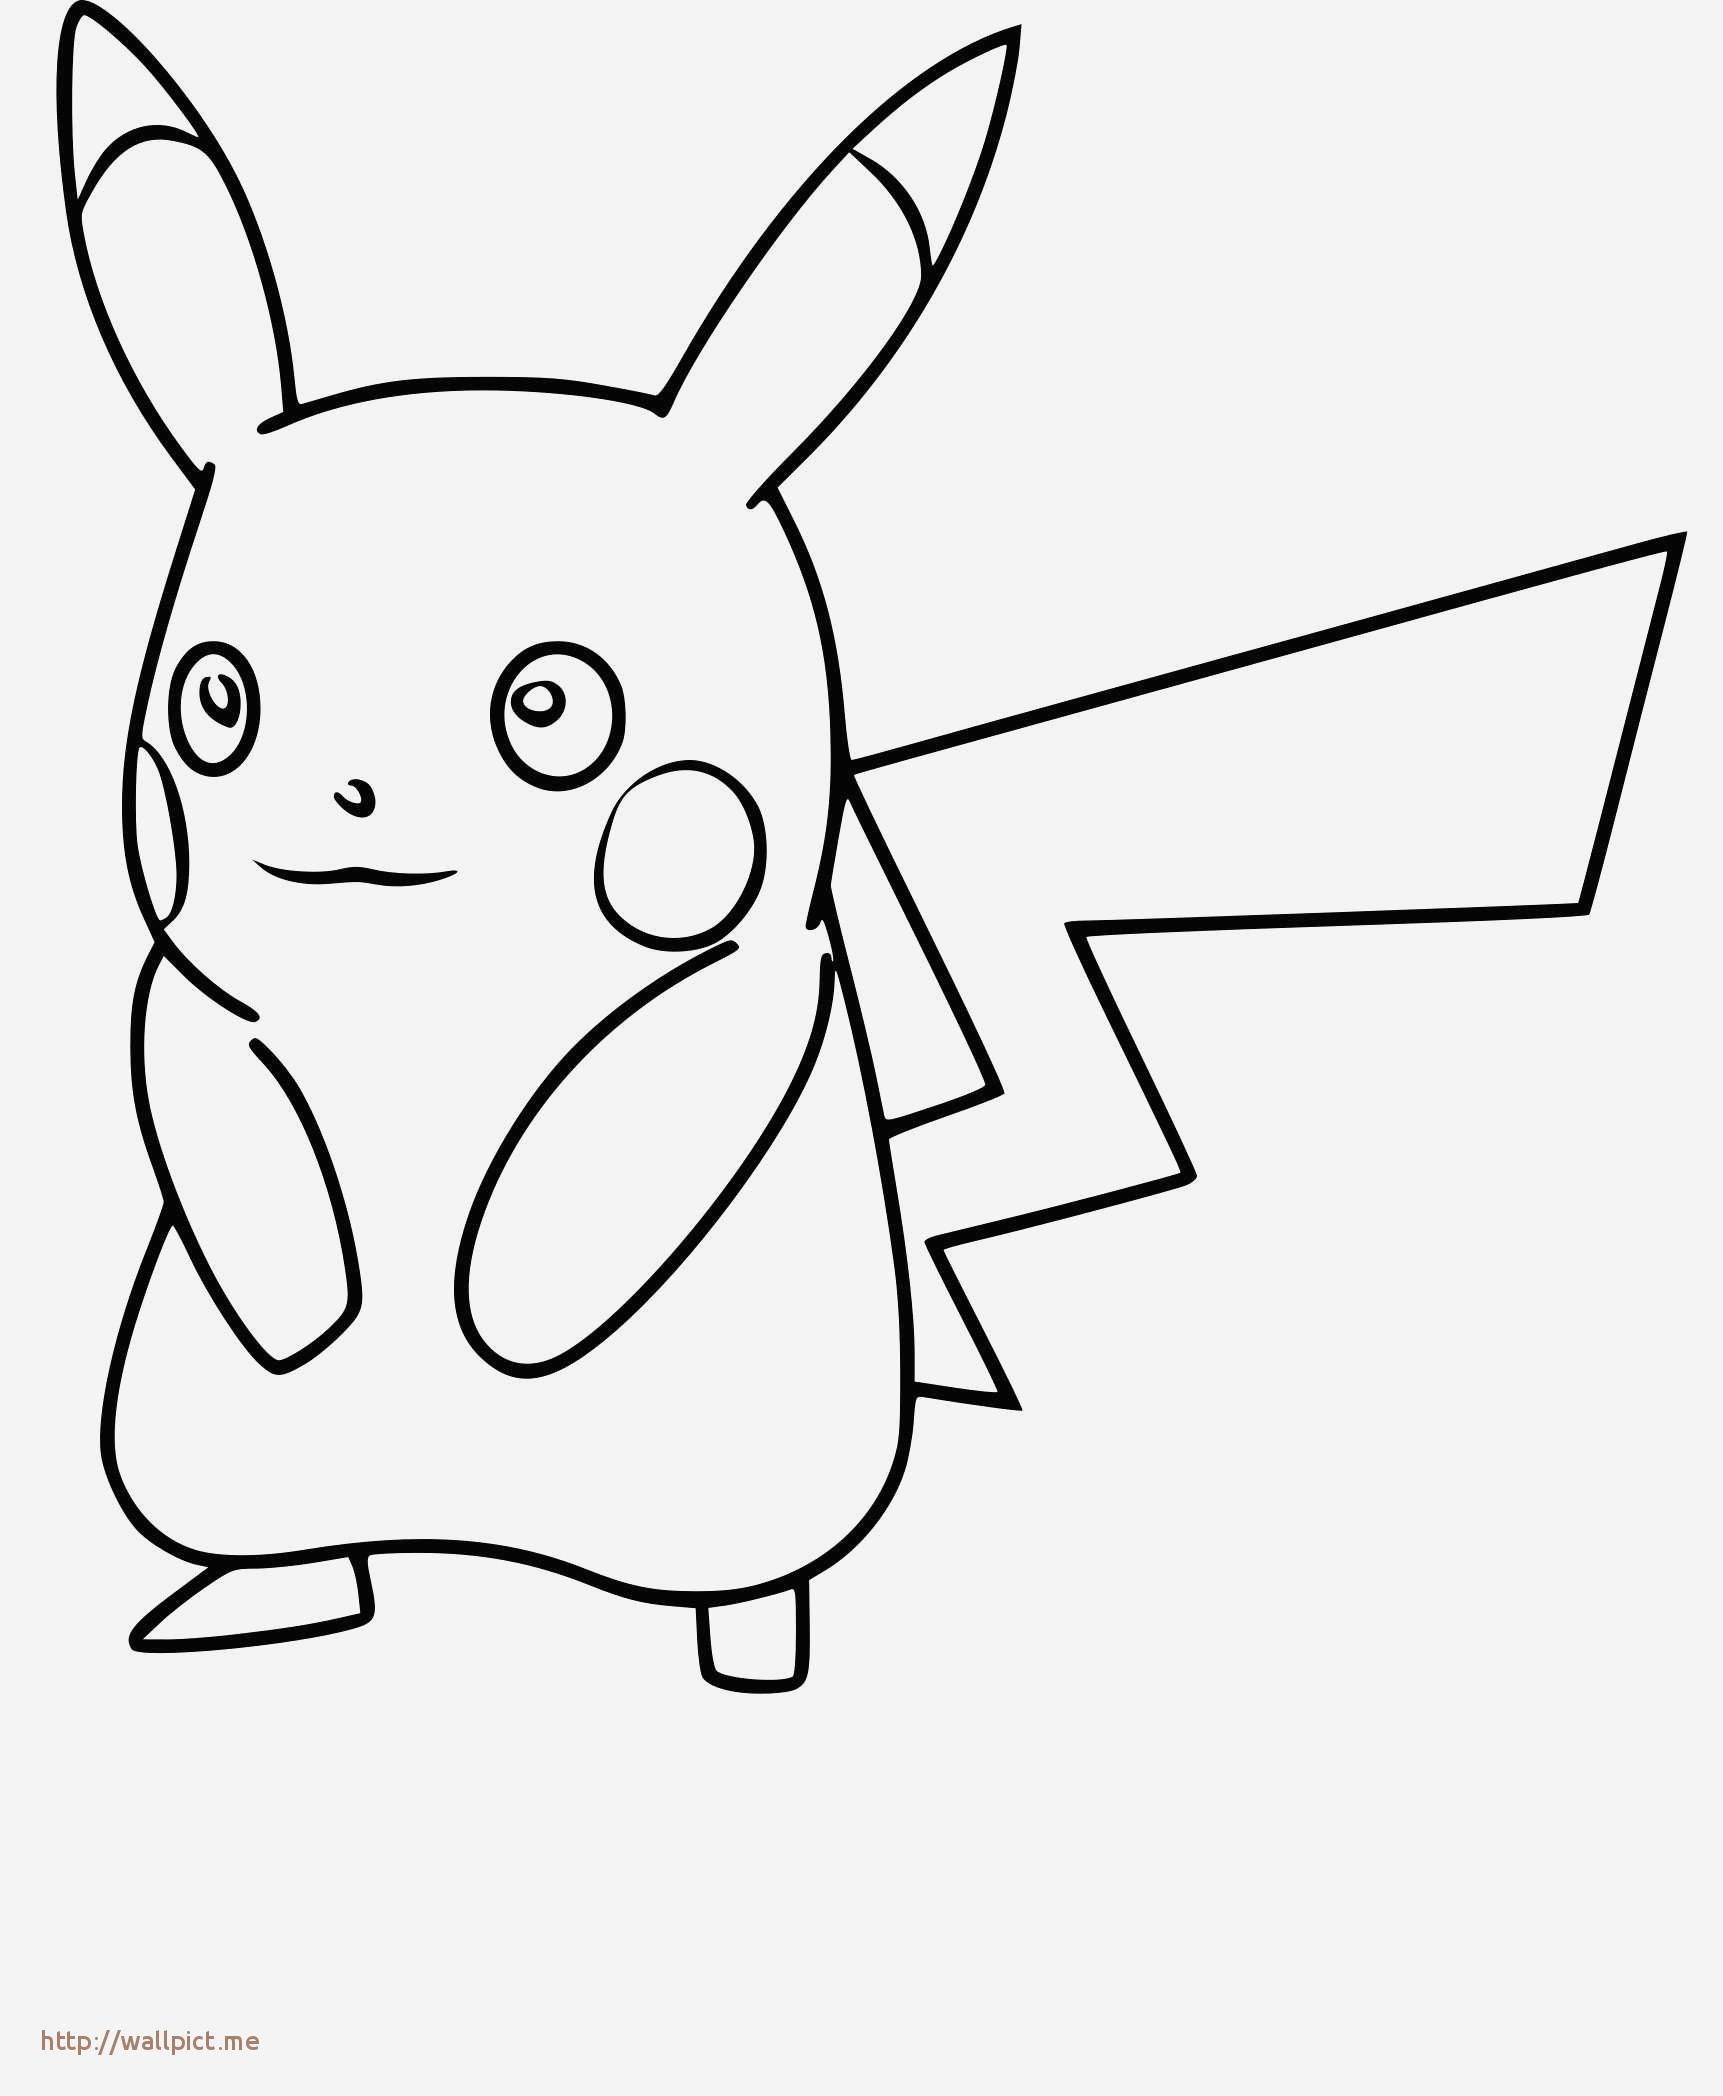 Coloriage À Imprimer Princesse Archives - Coloriages Gratuits serapportantà Dessin De Pikachu Facile